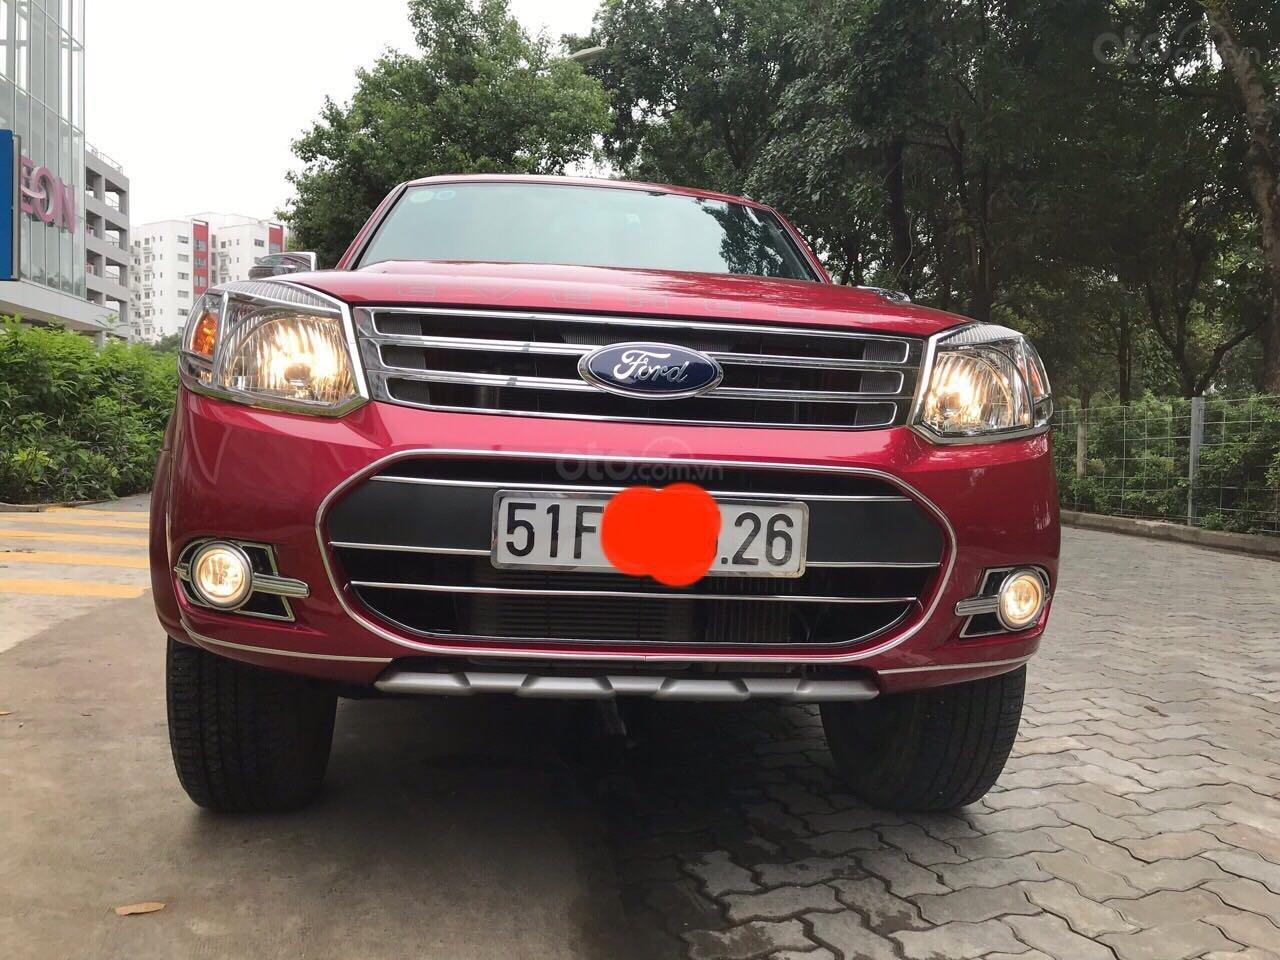 Bán ô tô Ford Everest sản xuất 2015, màu đỏ, giá tốt, 675 triệu đồng (1)